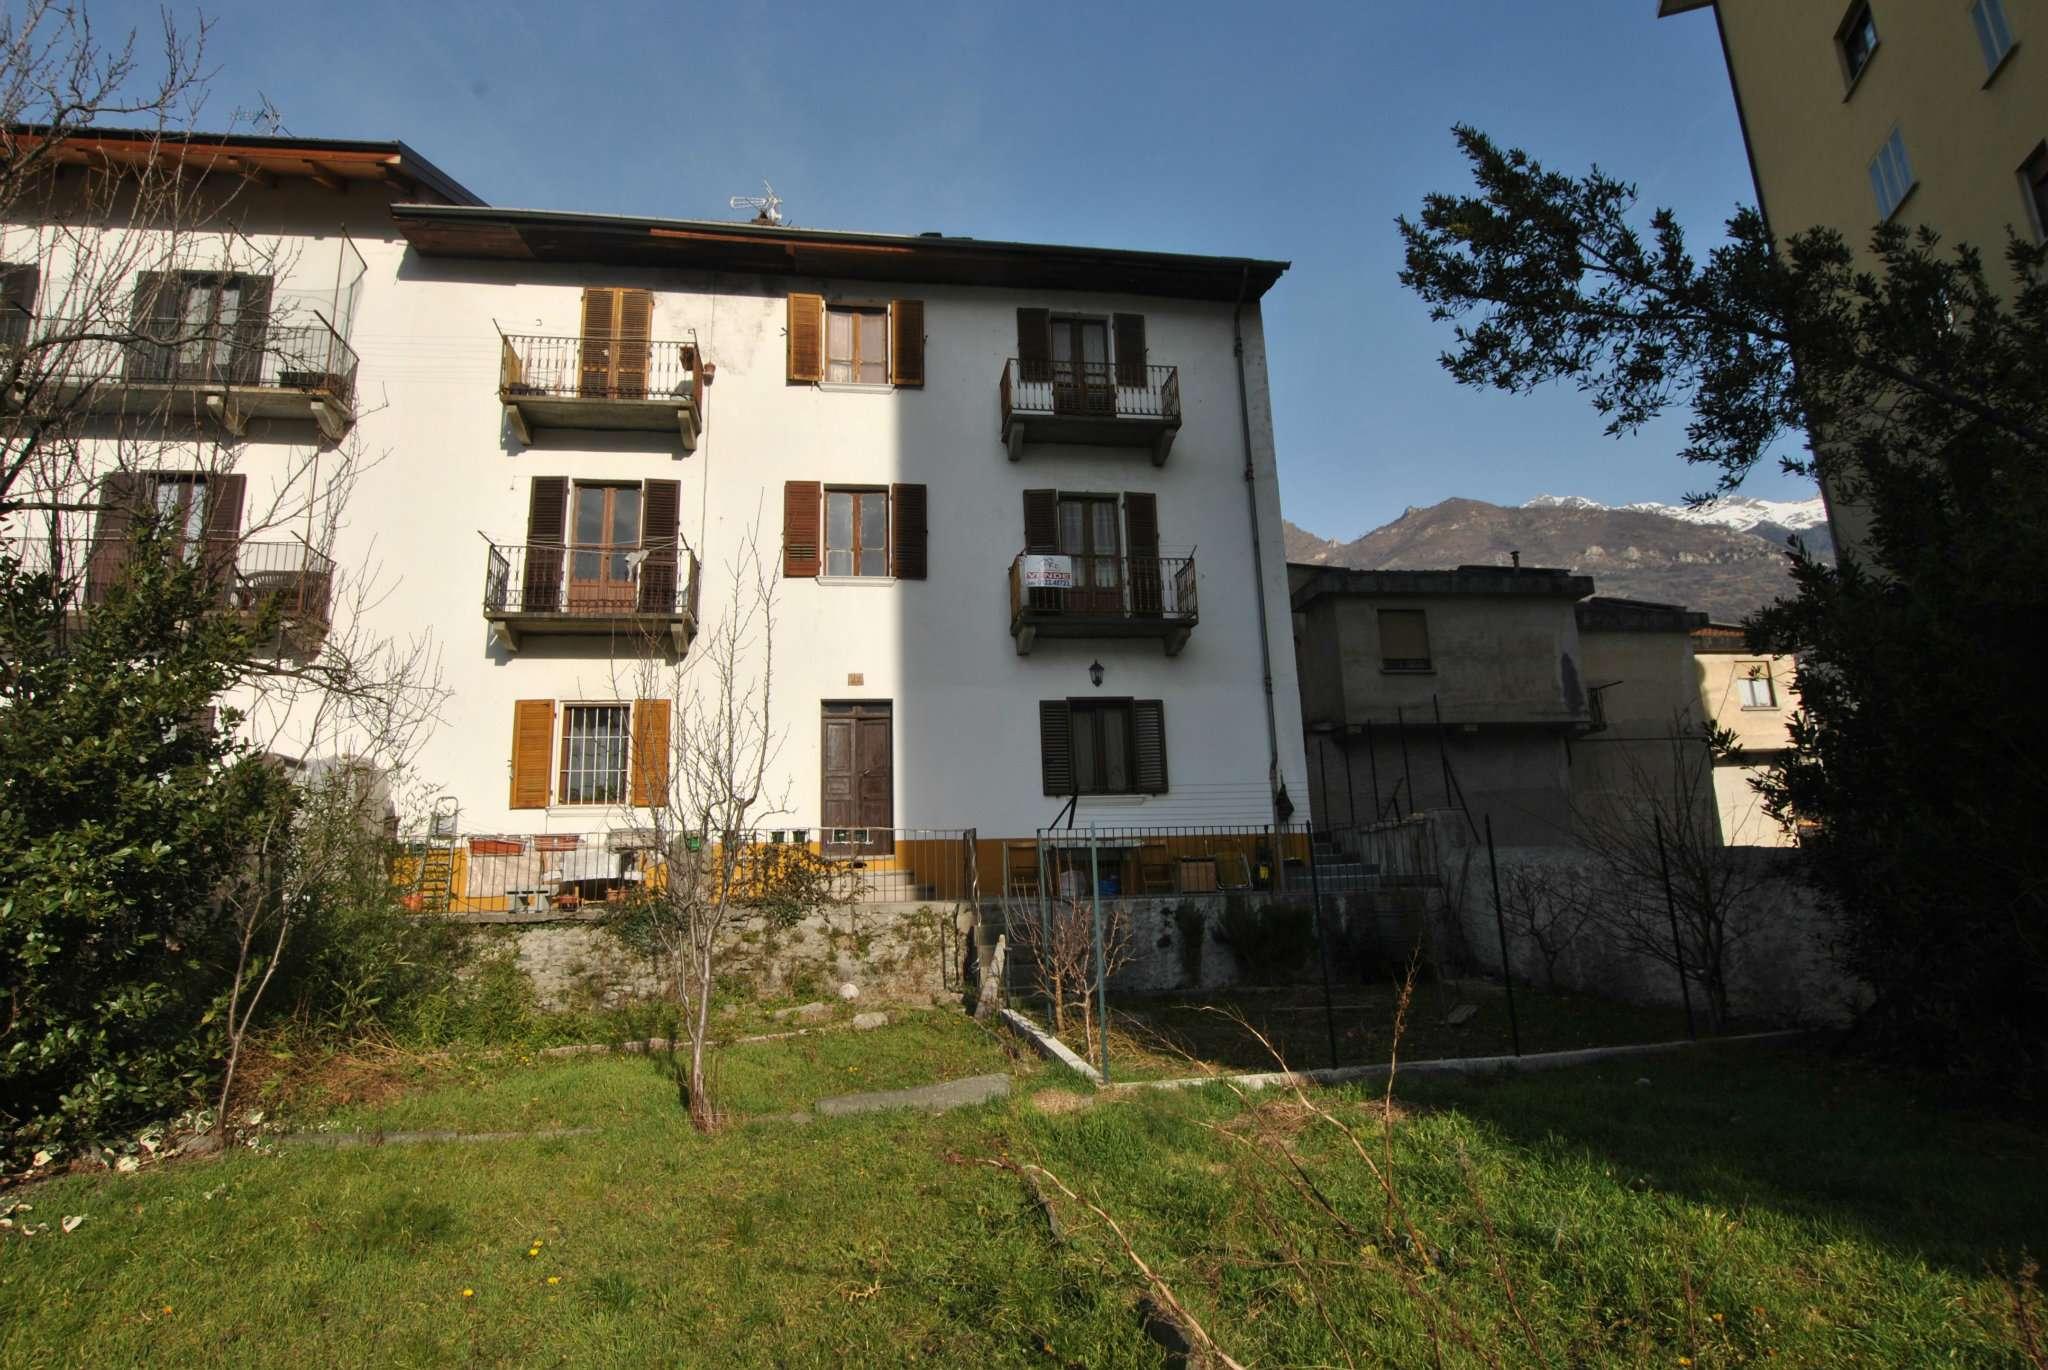 Appartamento in vendita a Bussoleno, 4 locali, prezzo € 42.000 | PortaleAgenzieImmobiliari.it